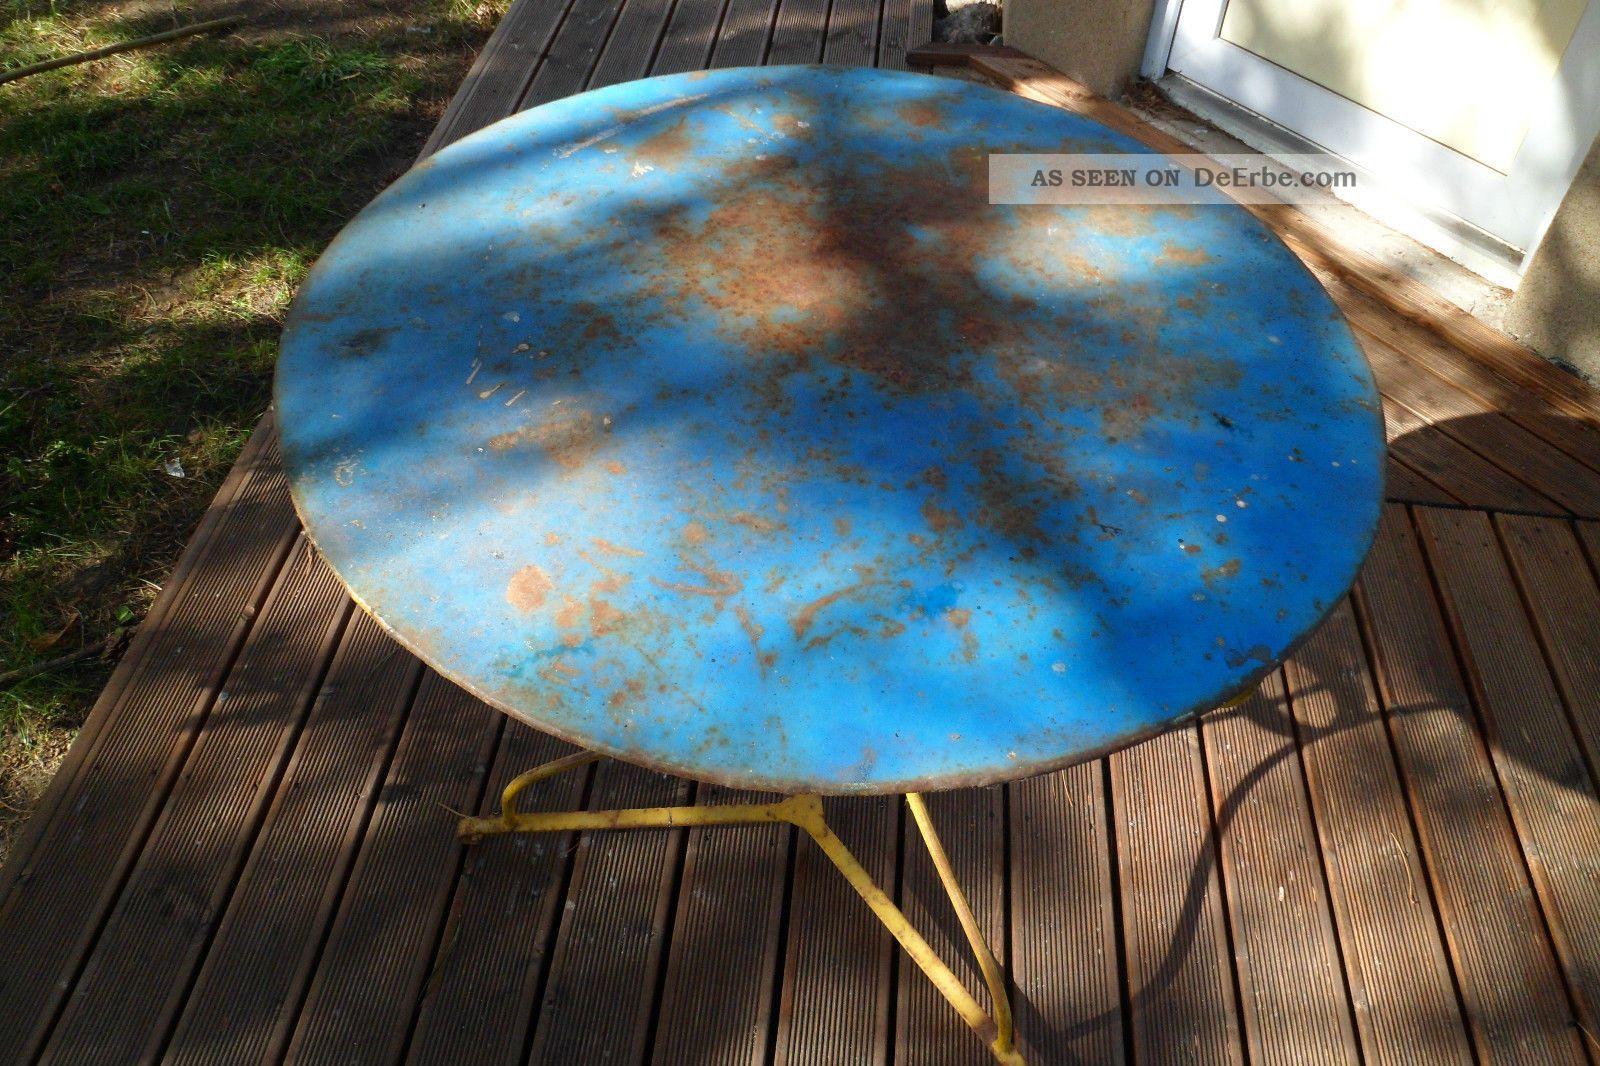 Antiker Gartentisch Kleiner Gartentisch Rund Moderner Gartentisch